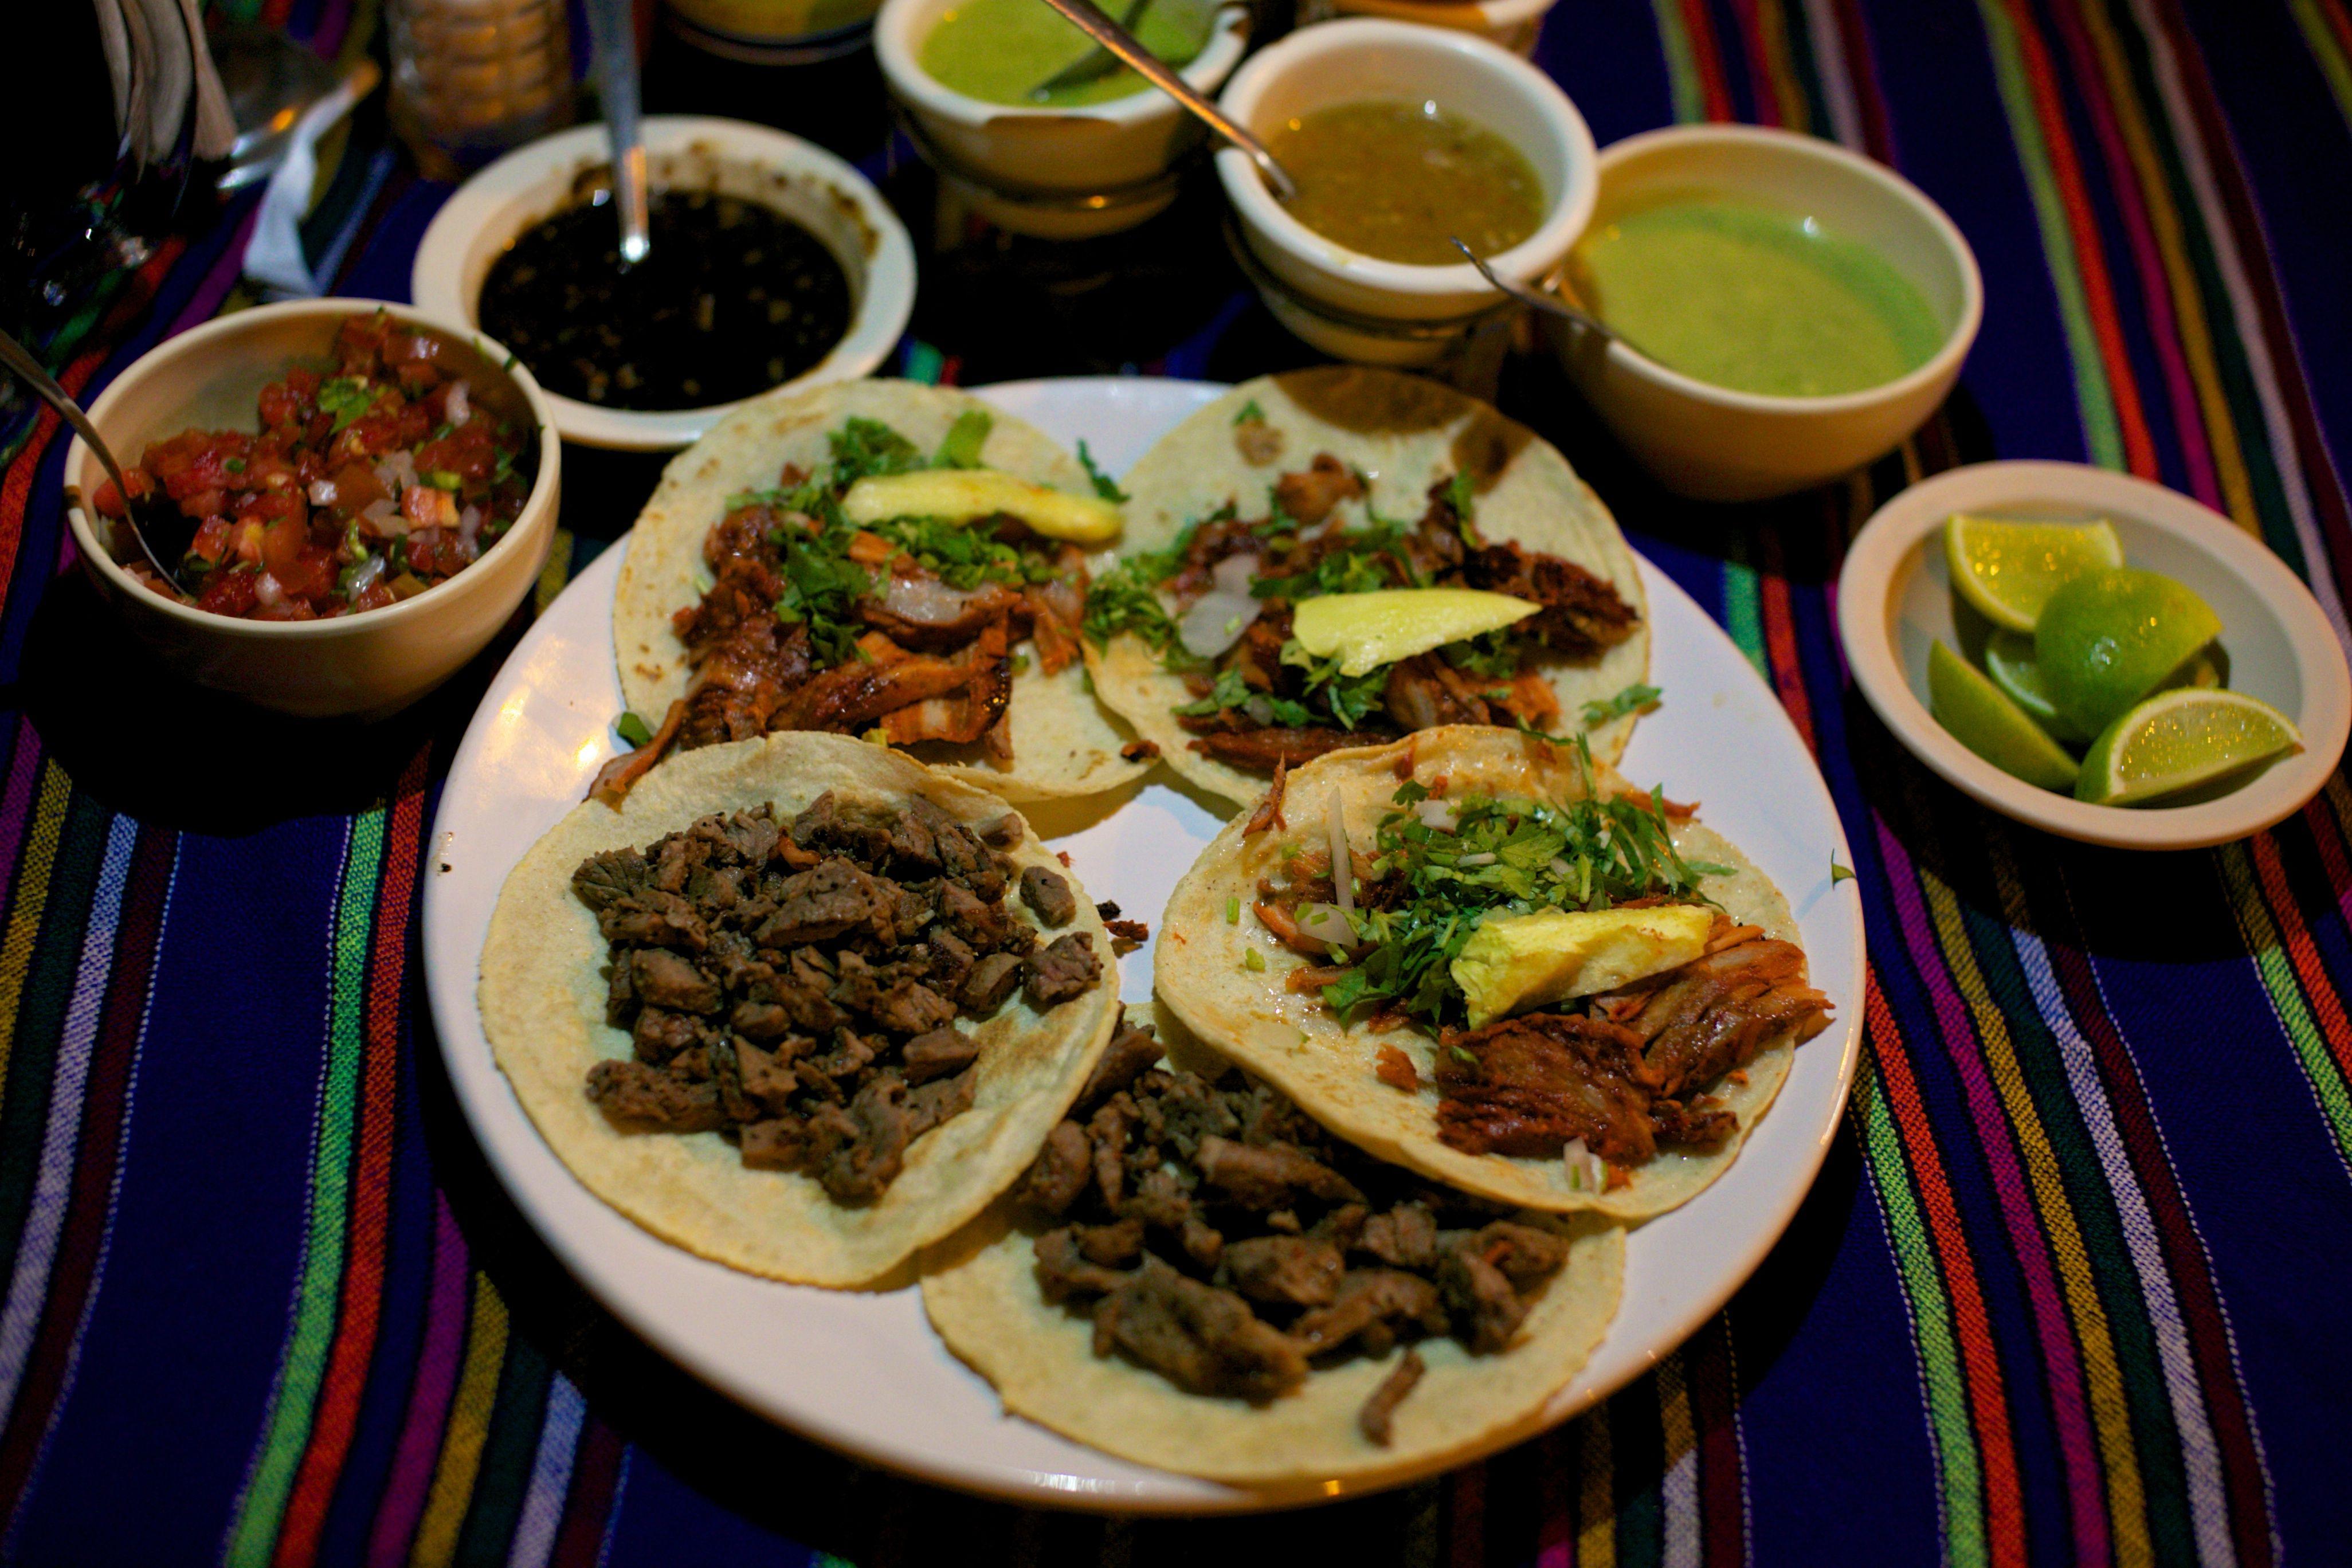 Tacos al pastor and tacos de carne asada